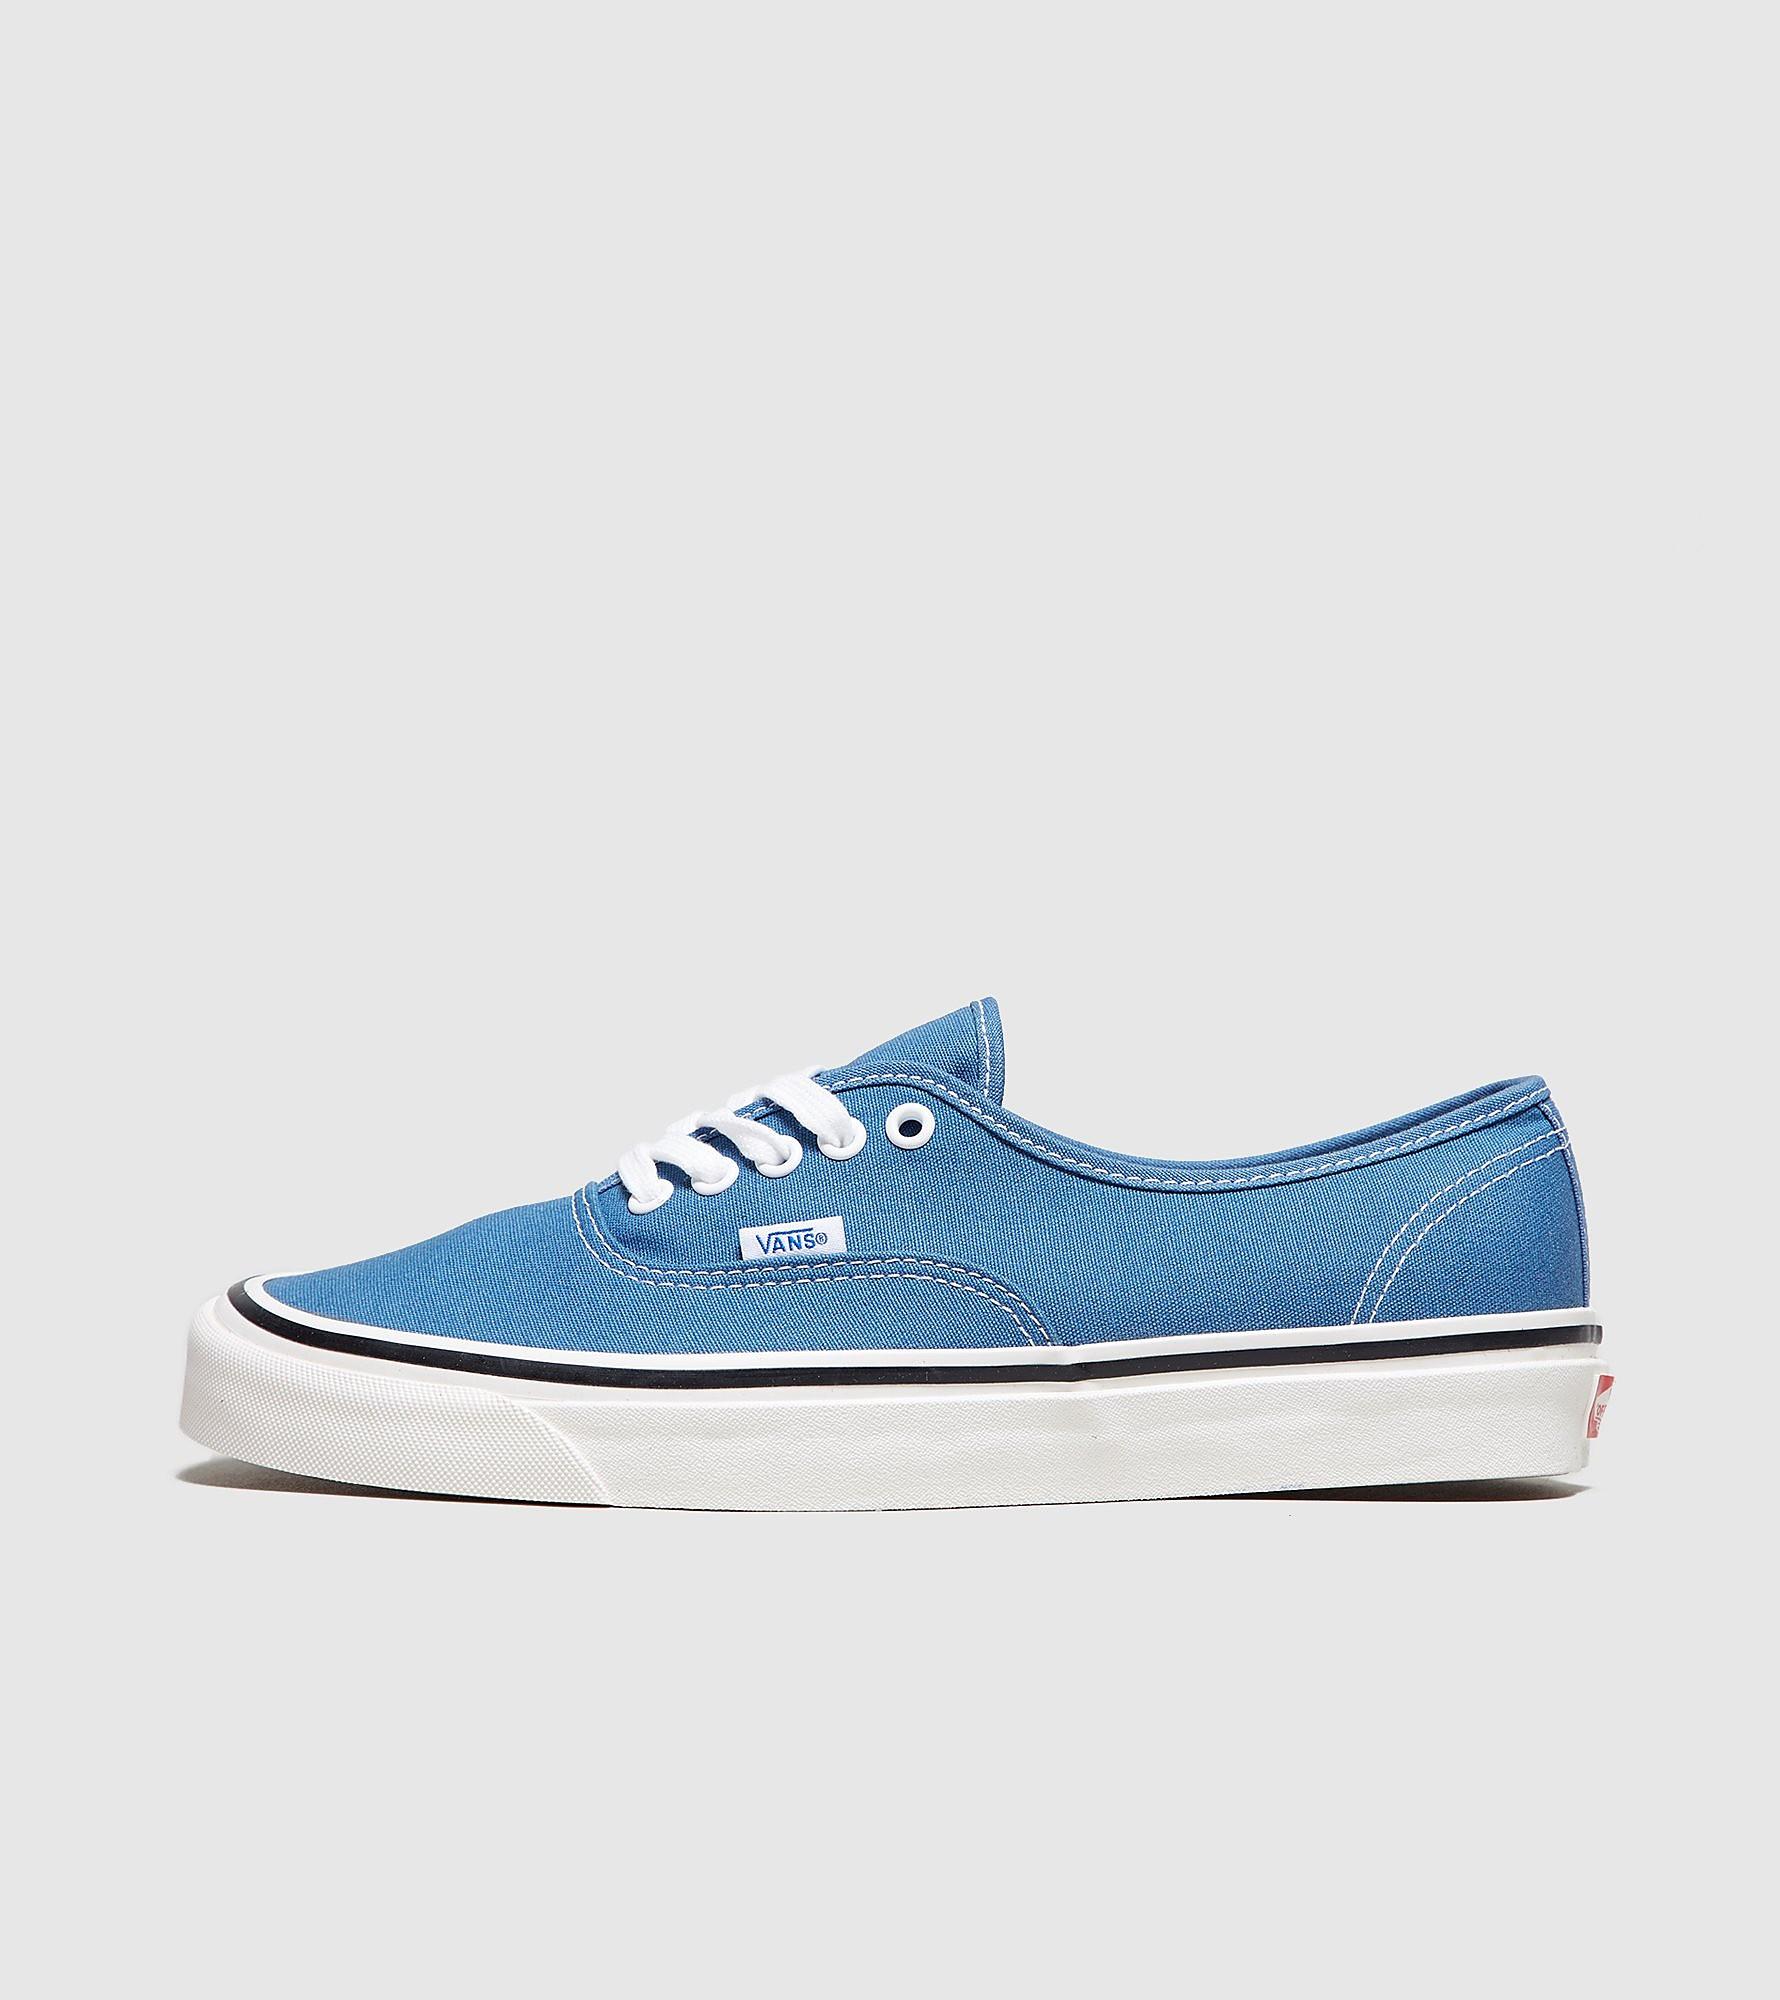 Sneaker Vans Vans Anaheim Authentic 44 DX